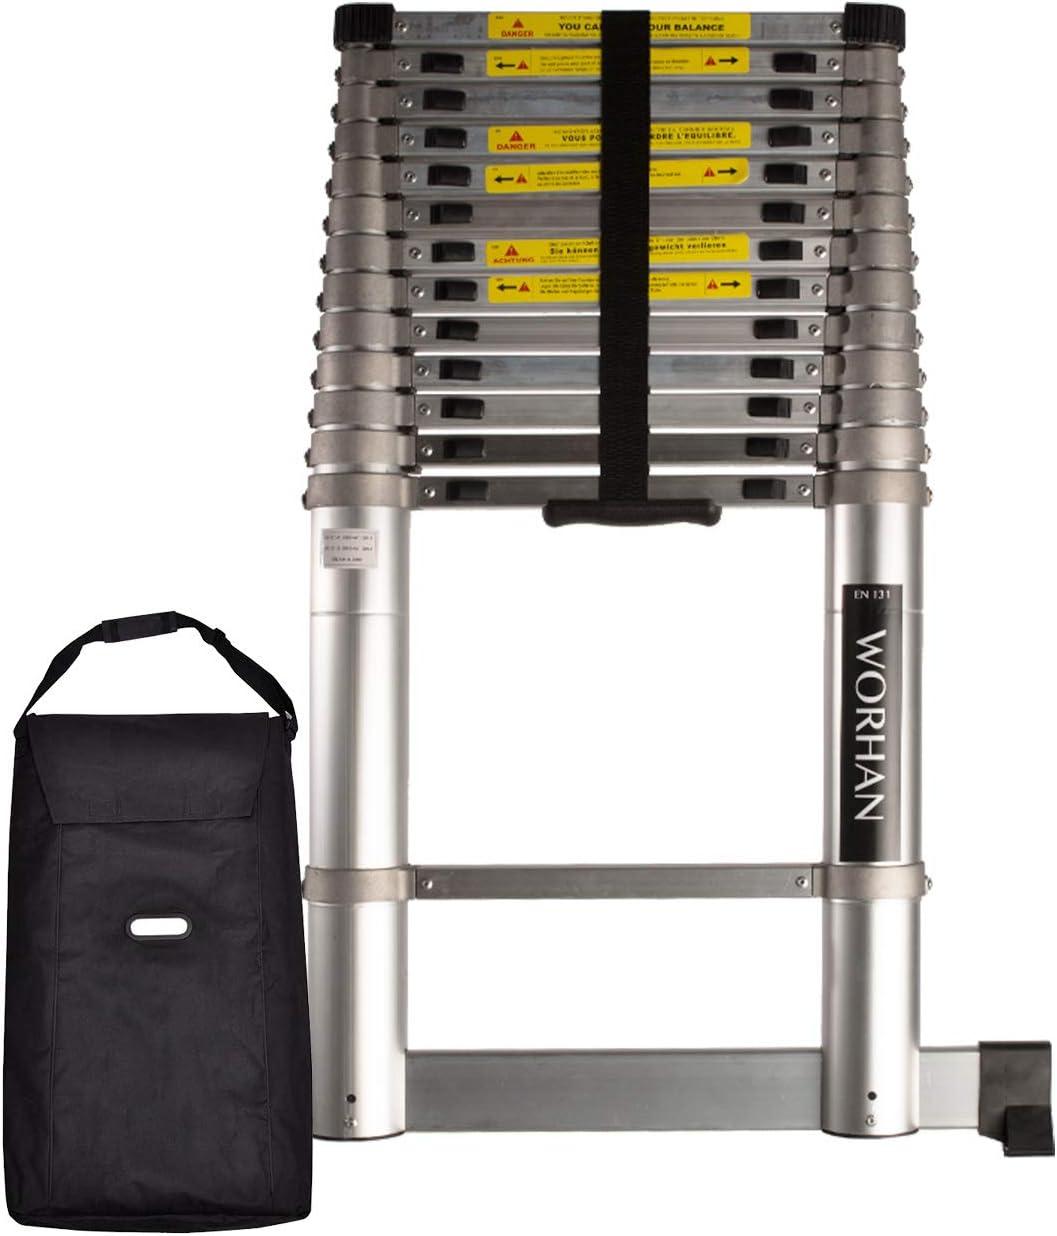 WORHAN® 4.4m Escalera Telescopica 440cm PRO Multiuso Multifuncional CON ANILLOS DE ALUMINIO y Estabilizador Aluminio Anodizado Normativa EN131 1AK4.4+bag: Amazon.es: Bricolaje y herramientas